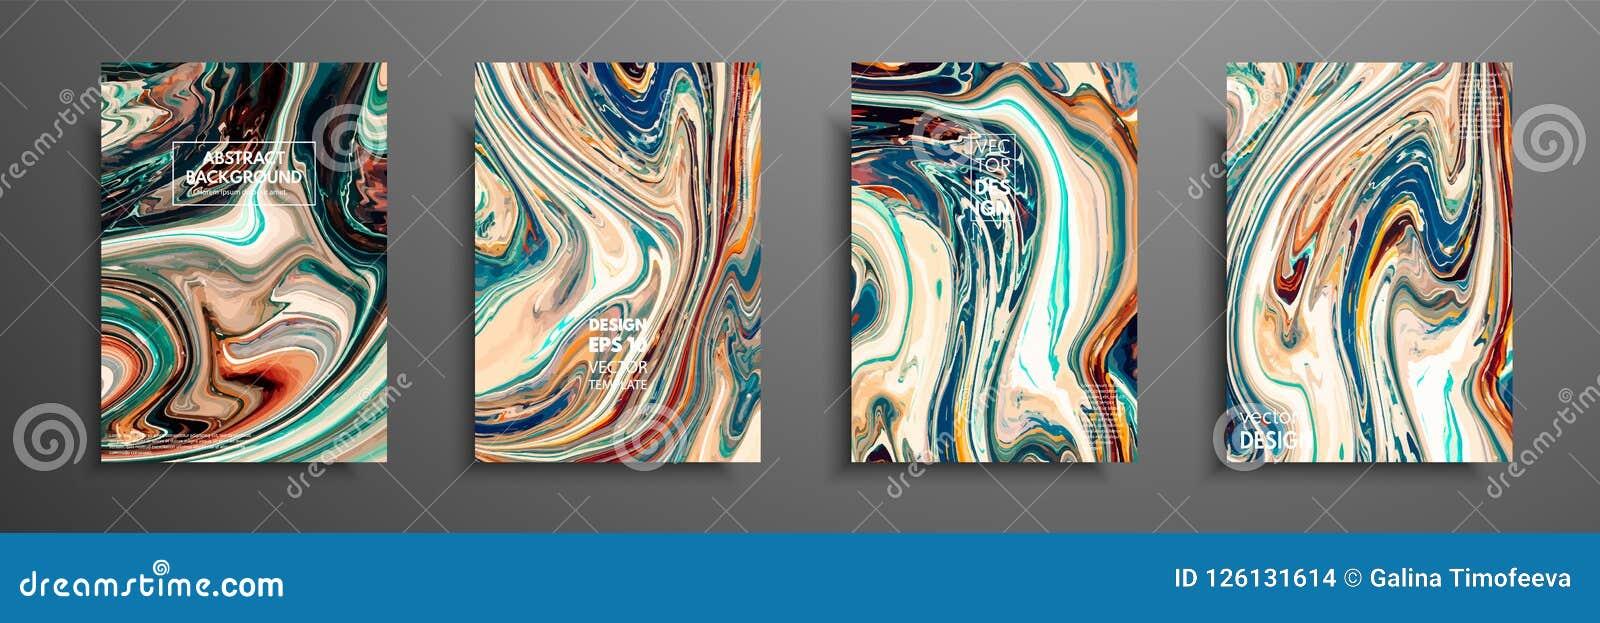 Plantilla de la disposición del aviador con la mezcla de pinturas acrílicas Textura de mármol líquida Arte flúido Aplicable para